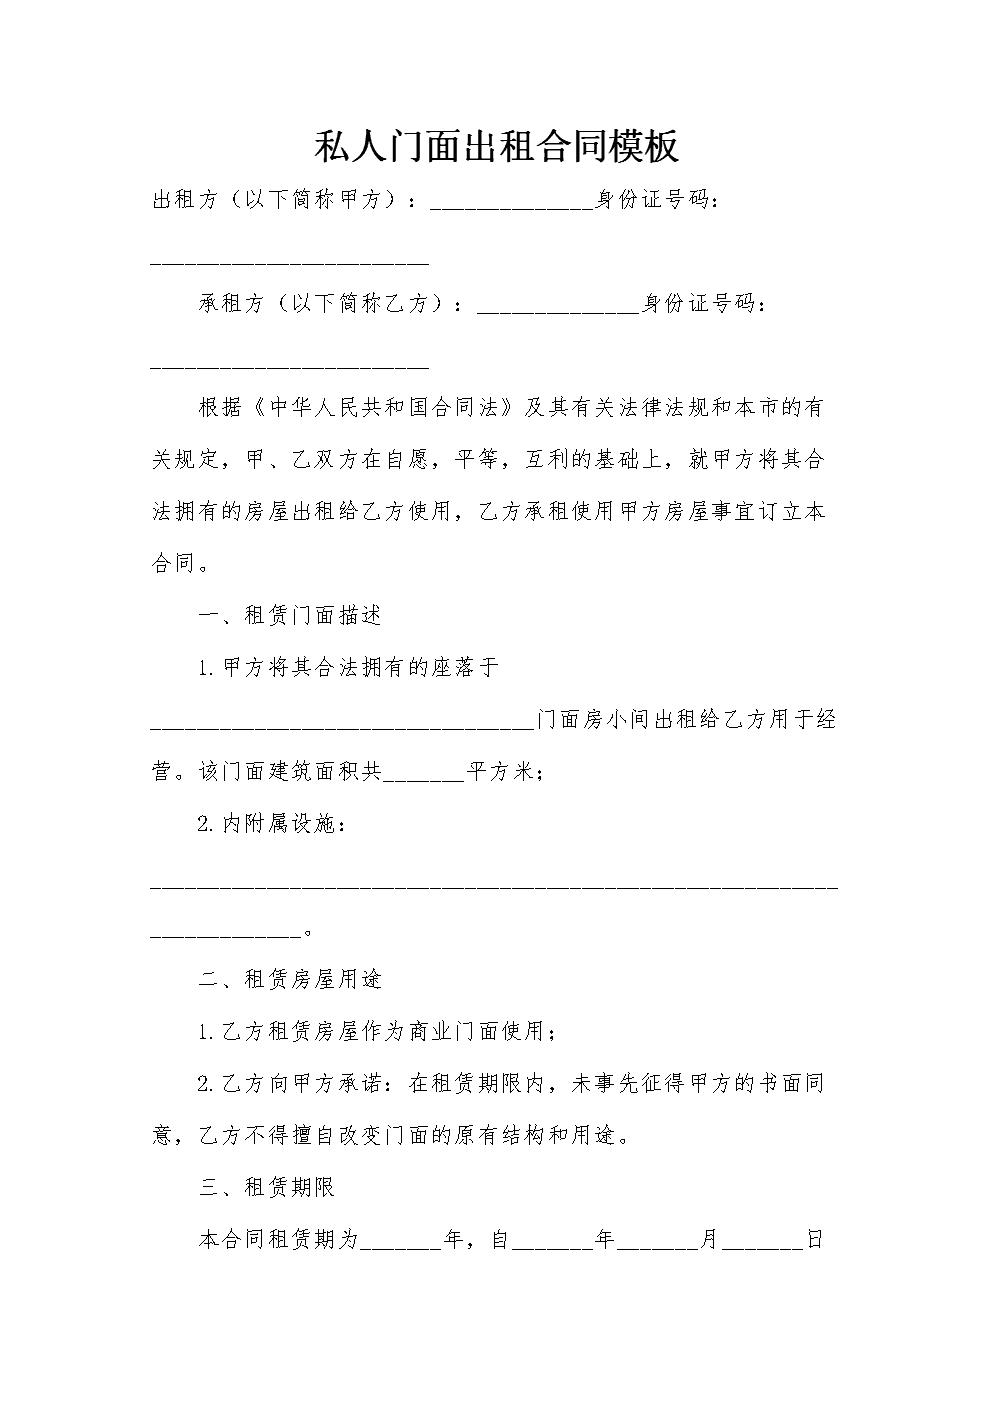 私人门面出租合同模板.doc